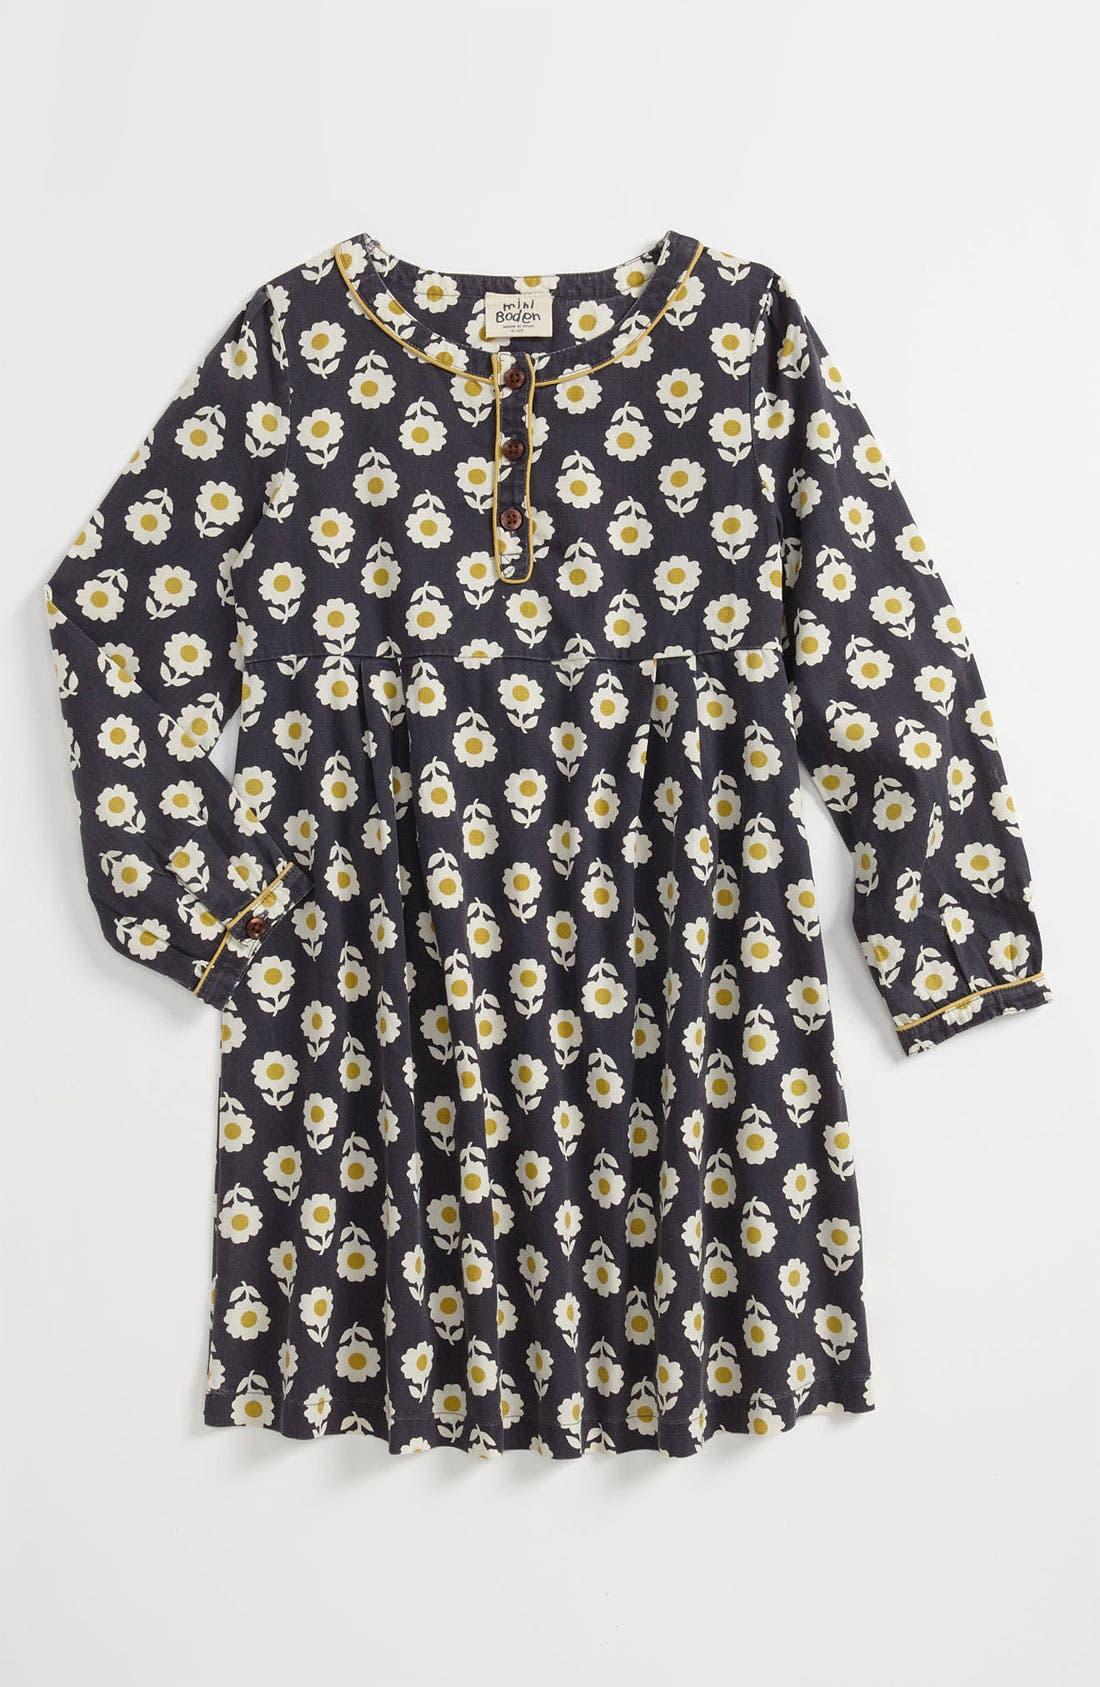 Alternate Image 1 Selected - Mini Boden 'Easy' Print Dress (Little Girls & Big Girls)